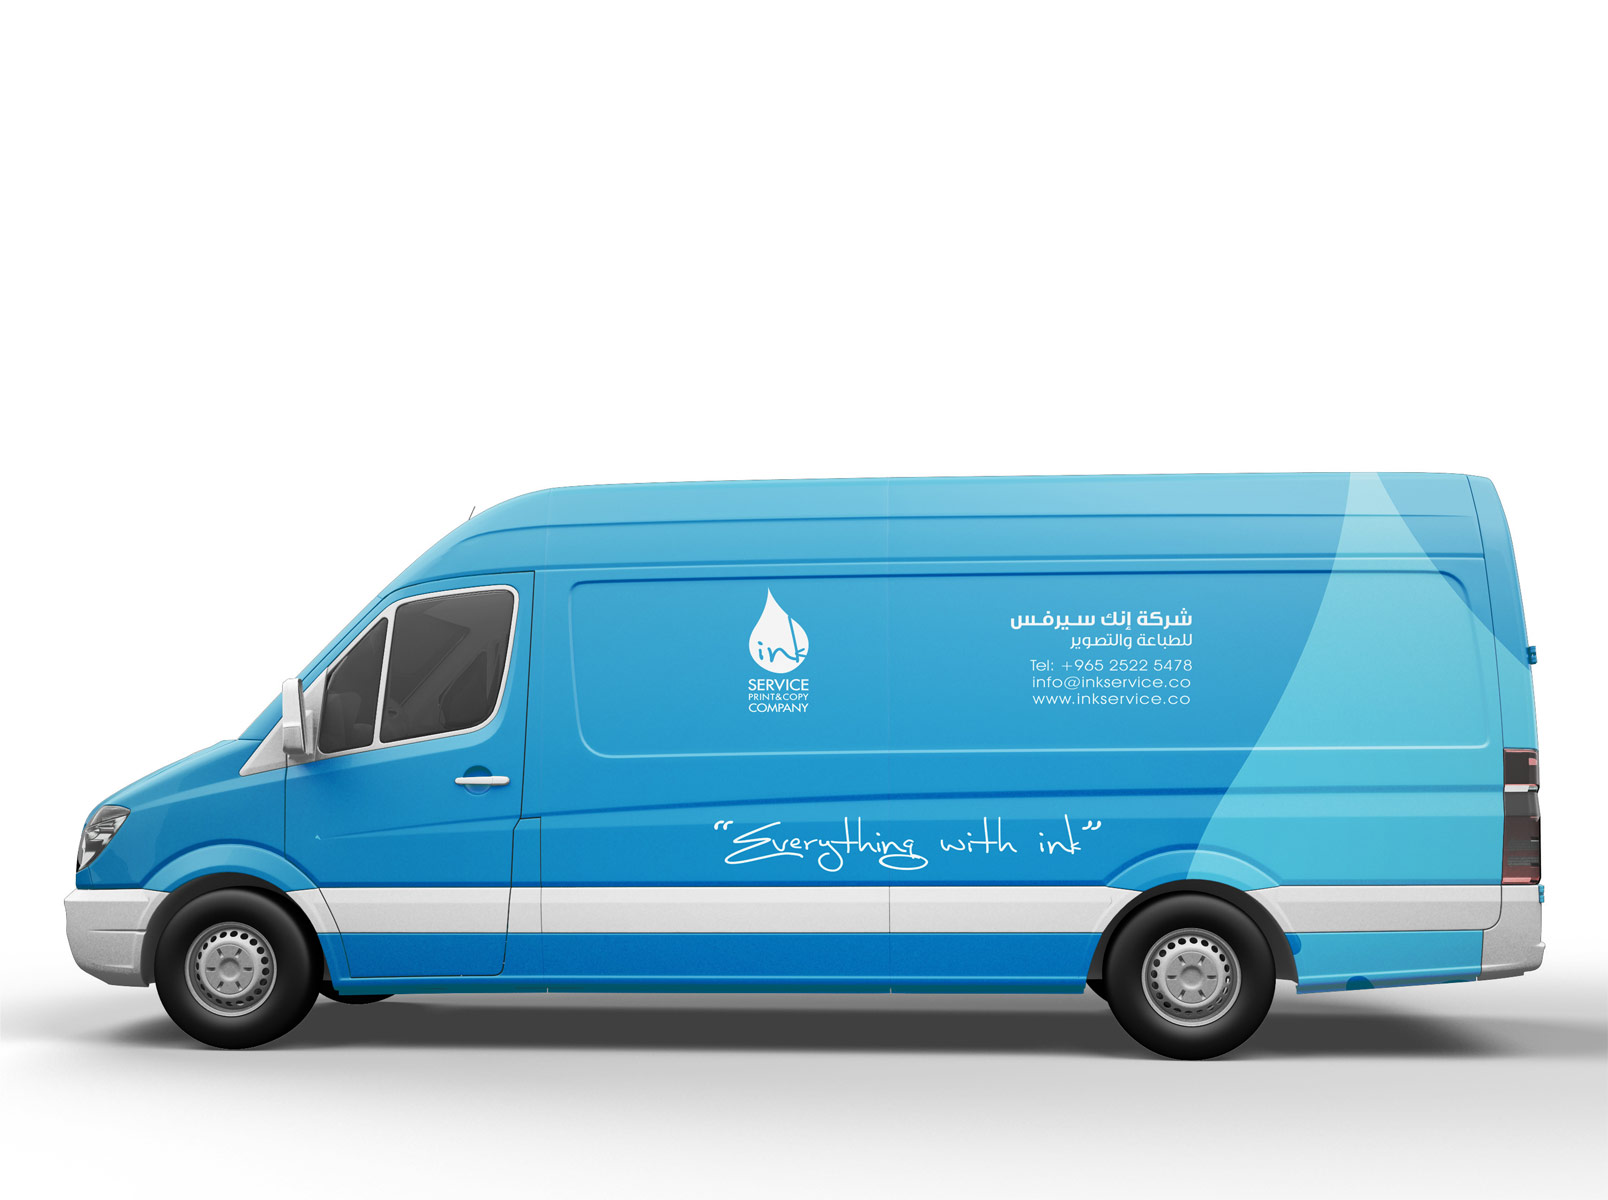 CAR_01_INKSERVICE-kuwait-printing-print-car